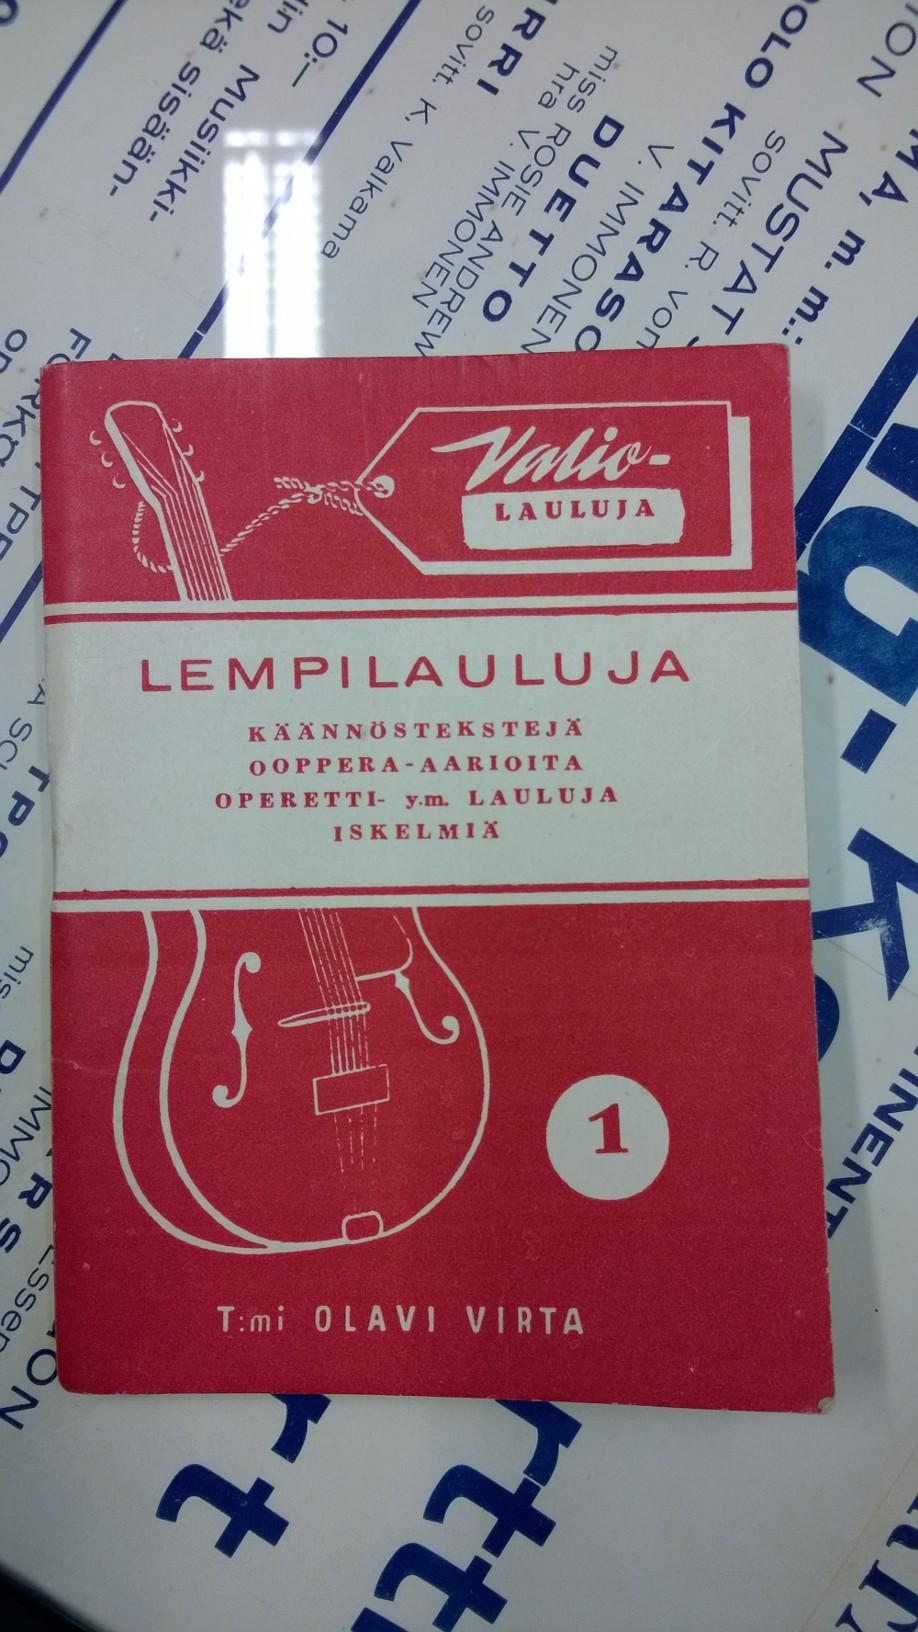 Olavi Virralla oli myös liikemiesvaistoa. Hän perusti Toiminimi Olavi Virran vuonna 1945 ja alkoi kustantaa nuotteja ja harjoittaa musiikkitarvikkeiden kauppaa. Ensimmäisen musiikkiliikkeensä Virta avasi Saloon, myöhemmin toisen Helsinkiin. Toiminimi Olavi Virta toimi Virran kotiosoitteessa Helsingin Pääskylänkadulla ja möi yhdessä vaiheessa myös nauloja ja mattoja.